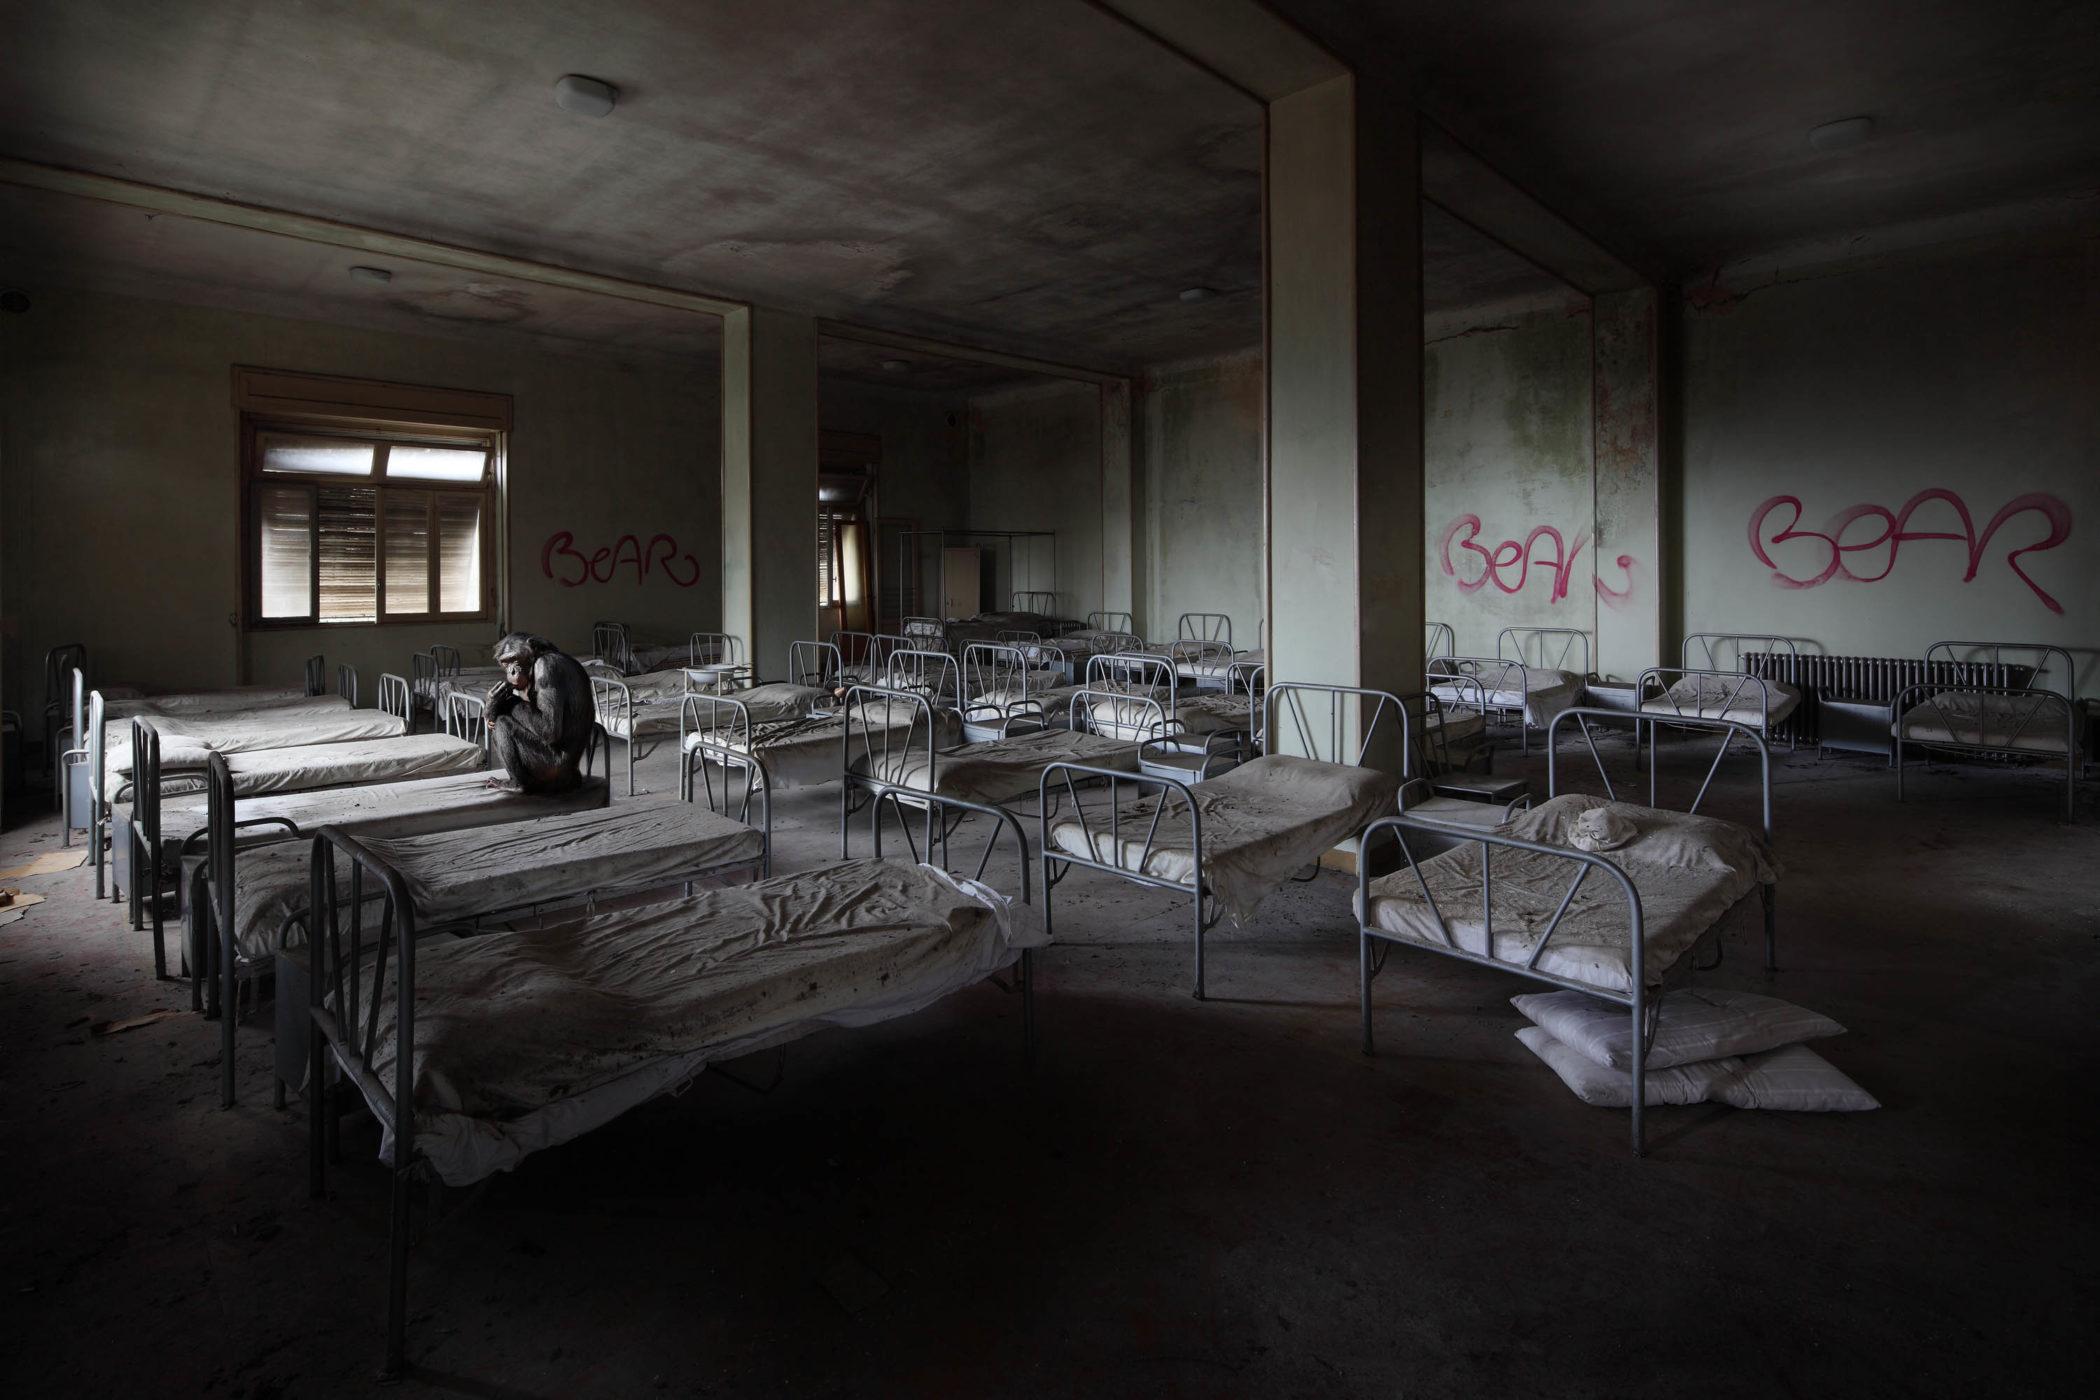 henkvanrensbergen com – henk van rensbergen – abandoned places – no